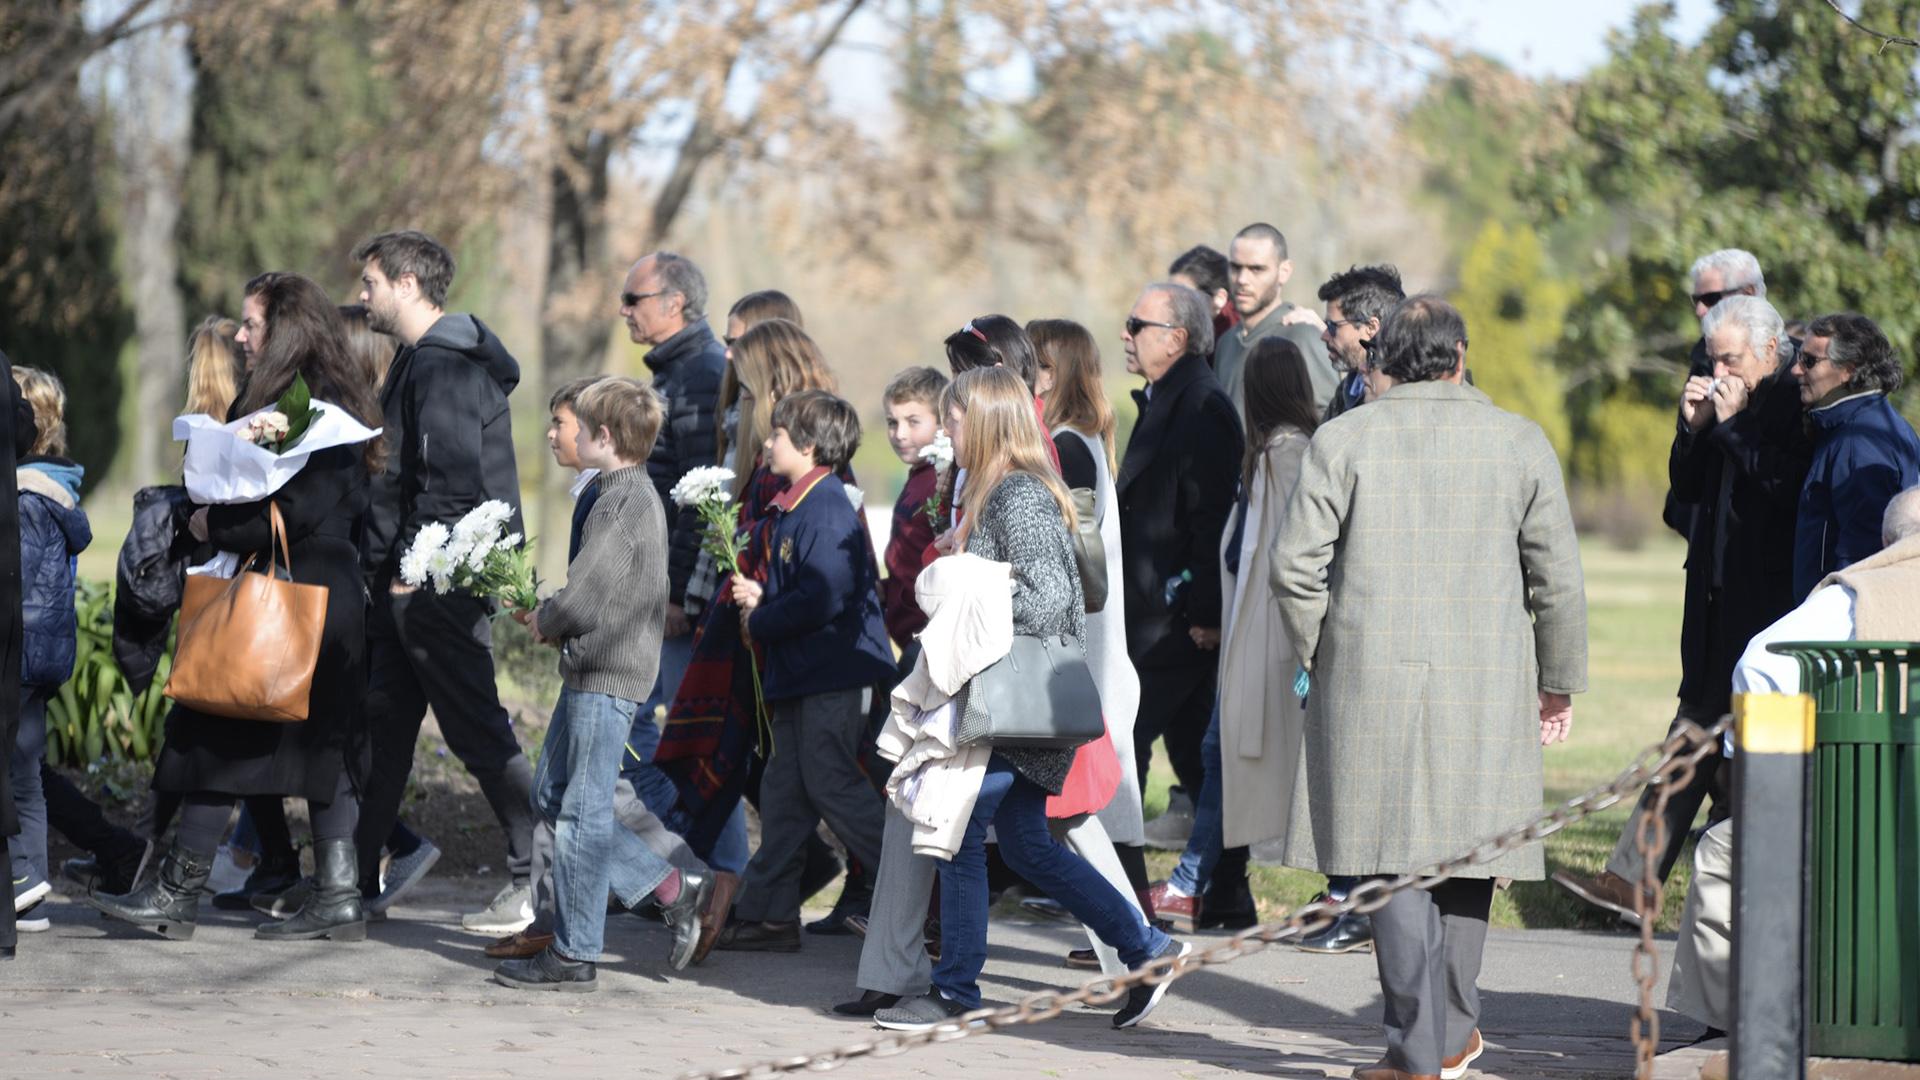 El cortejo comenzó pasadas las 15 horas, los presentes acompañaron con flores blancas